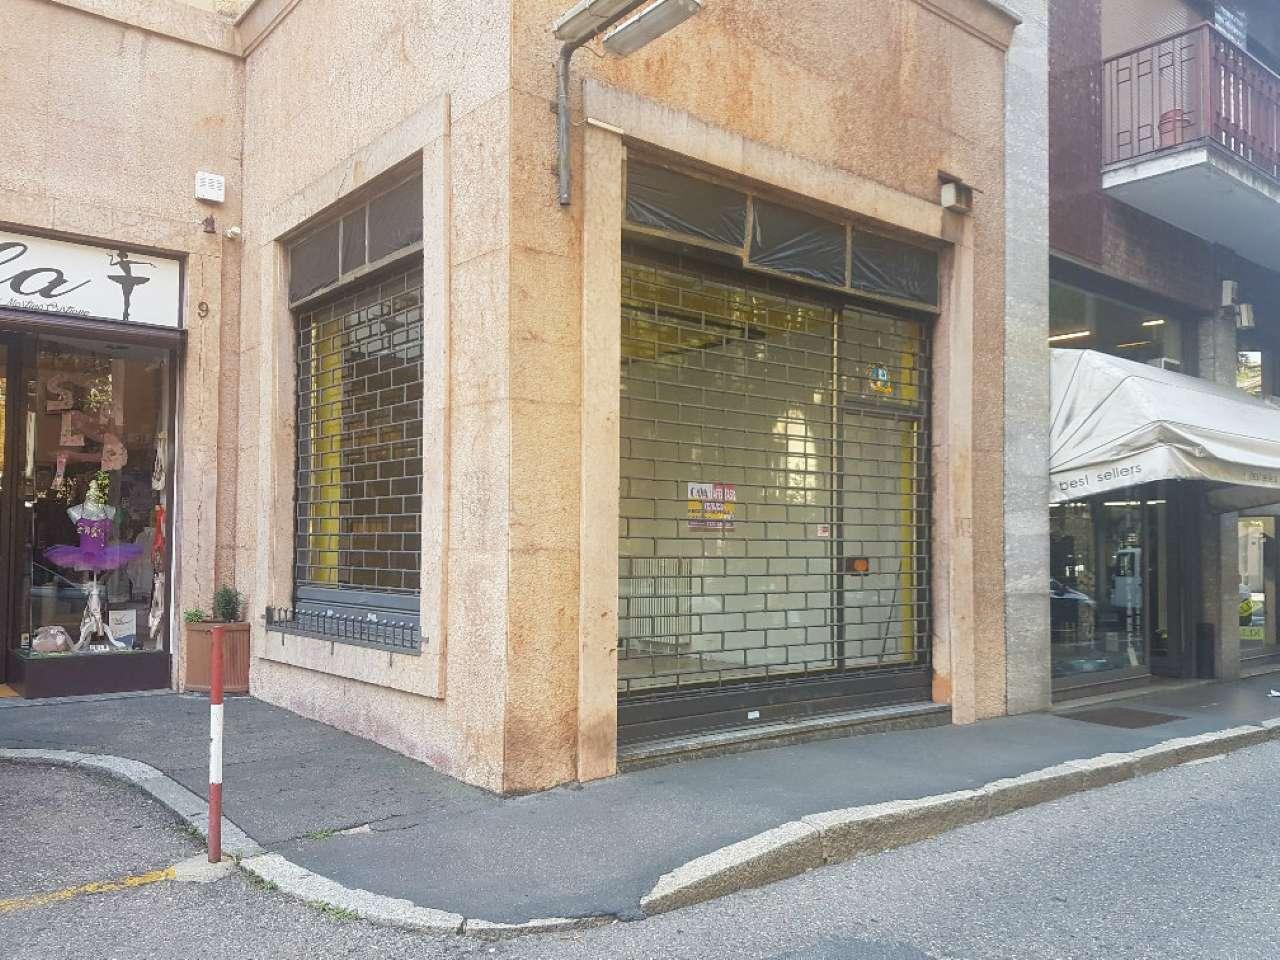 Negozio / Locale in affitto a Varese, 2 locali, prezzo € 1.500 | CambioCasa.it